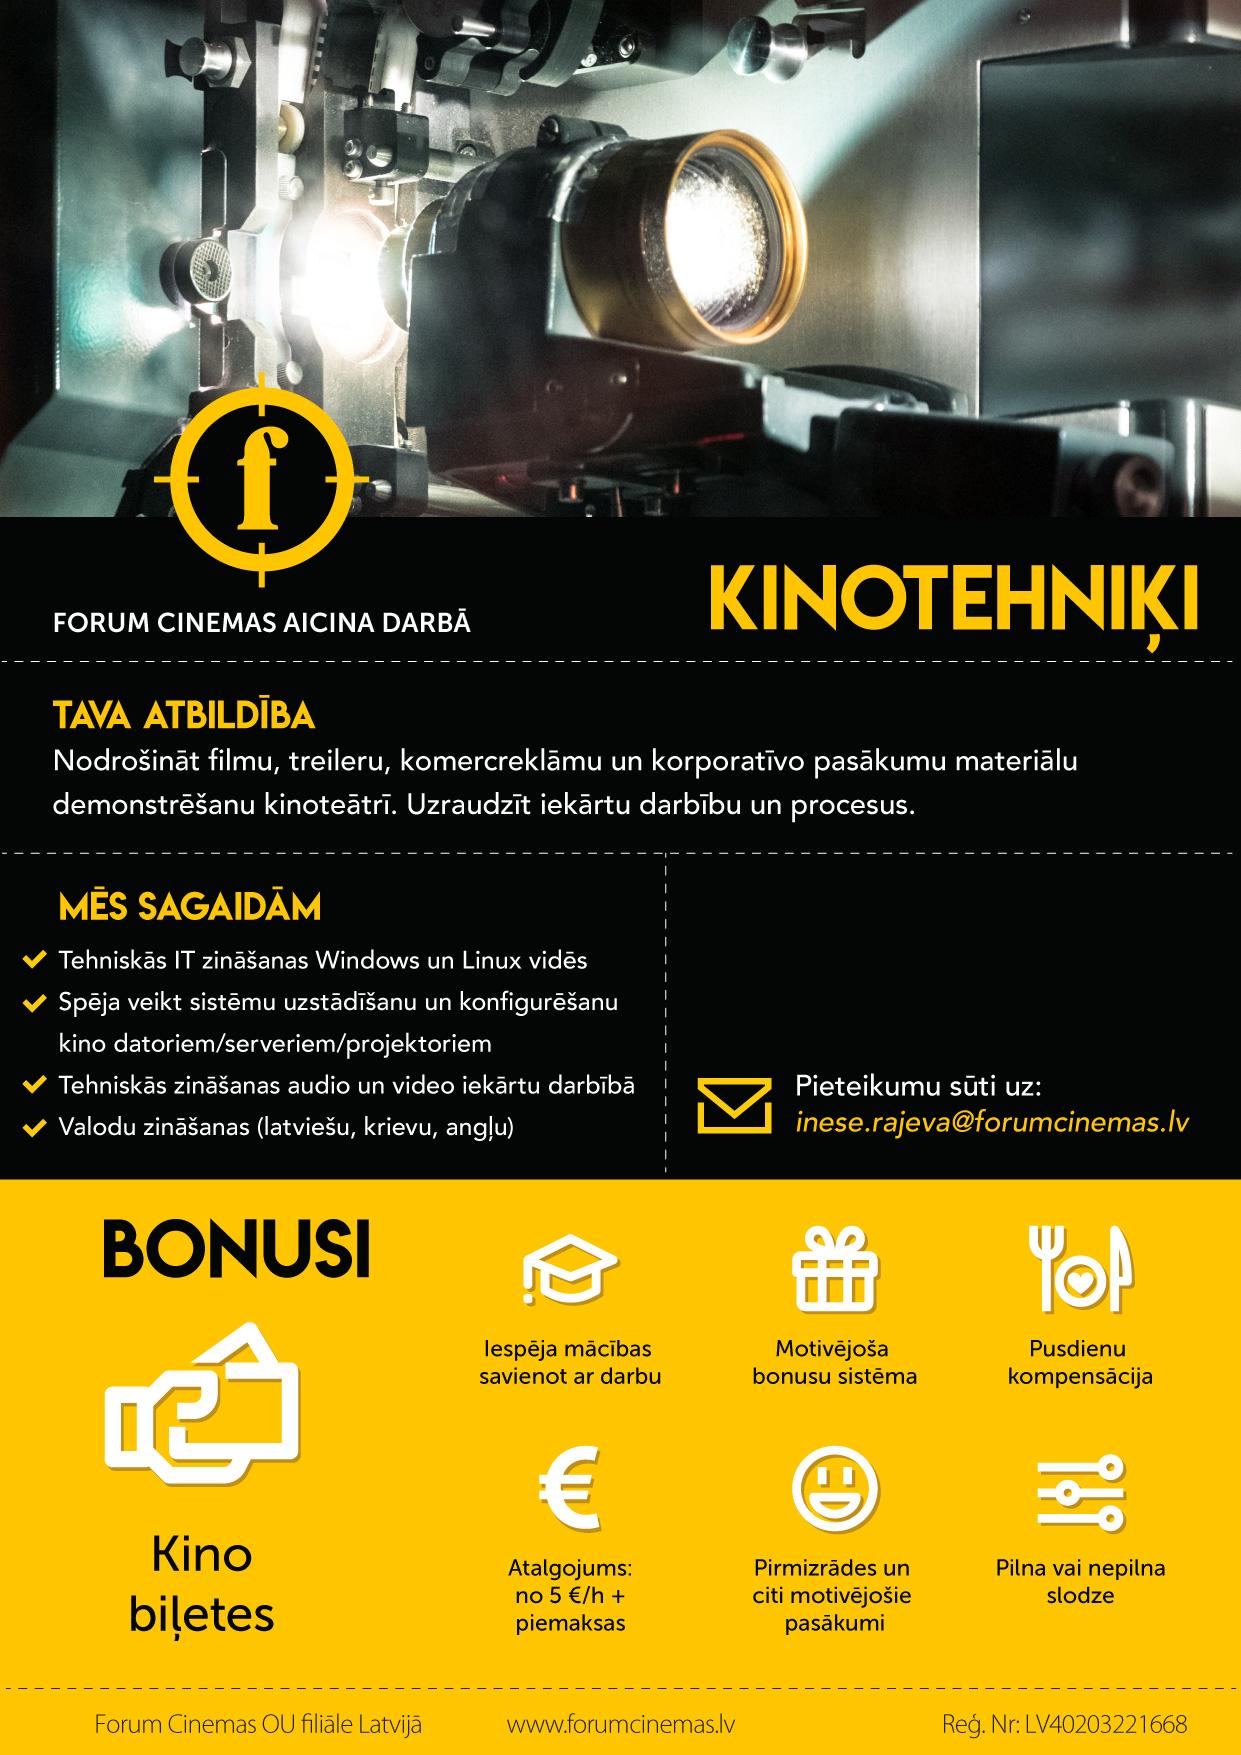 Forum Cinemas vakance - kino projekcija